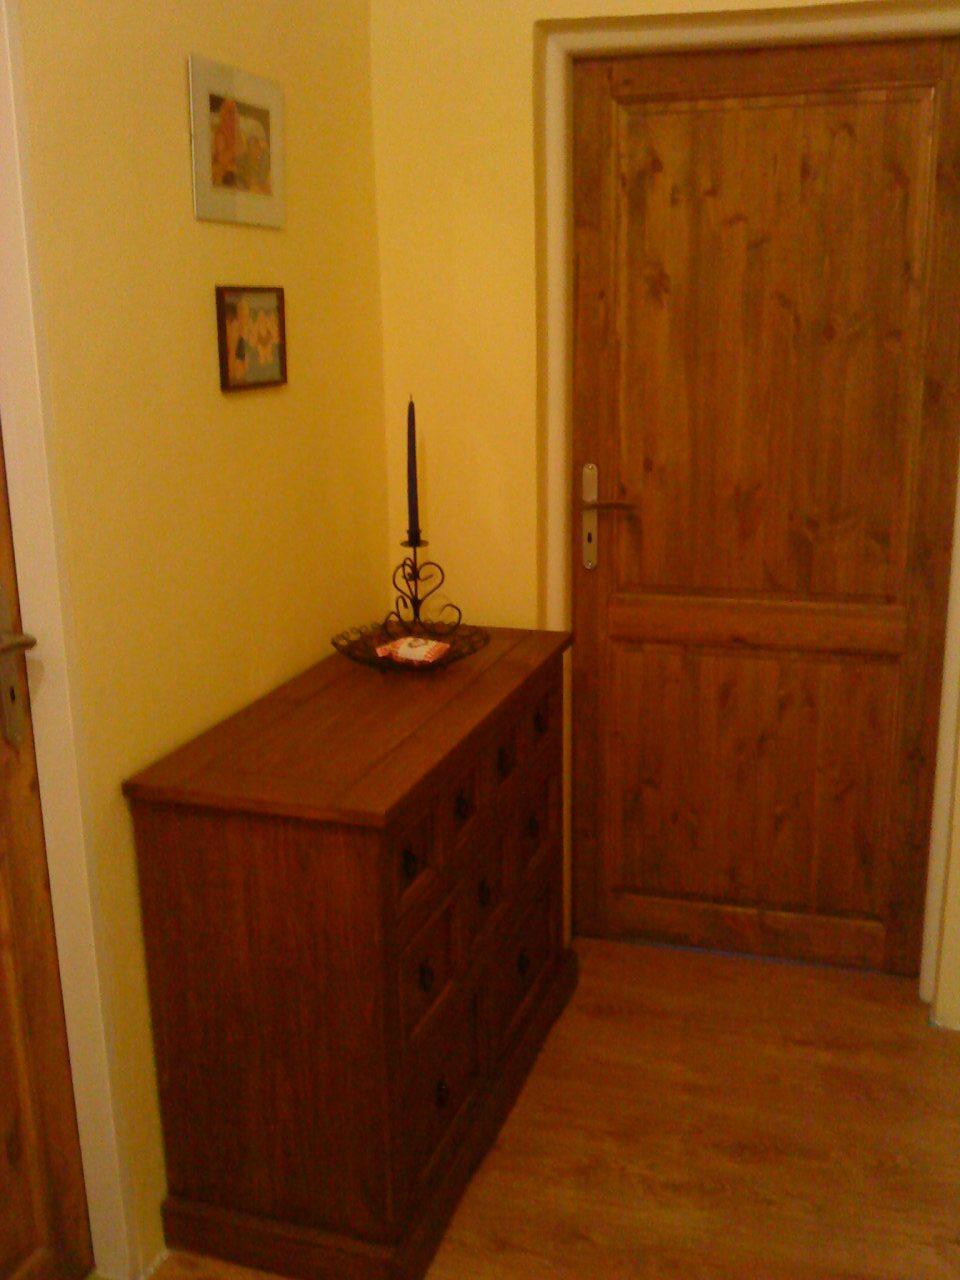 """Naše bývanie - Chodbička na poschodí, dvere do spálne... komoda je z Lidla, kúpená za 20 €. Má veľa """"šuflíčkov"""" 2 + 3 + 4 ks. Bola bezfarebná, my sme si ju namaľovali... je to čisté drevo. :-)"""